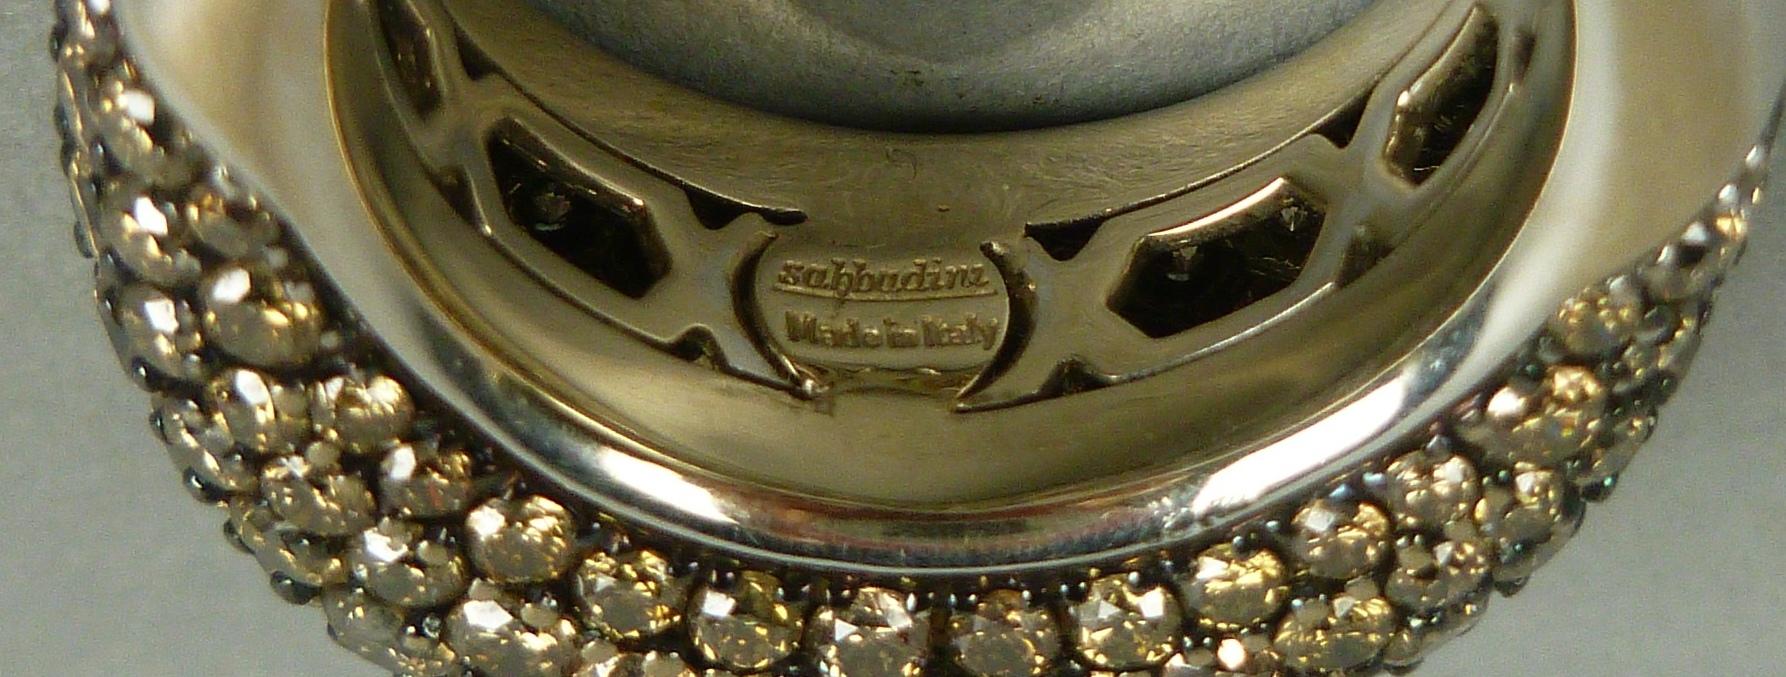 Lot 9 - SABBADINI. Anello in oro bianco 18 kt. con grande pavè di diamanti, gr. 15,6 ca. complessivi.